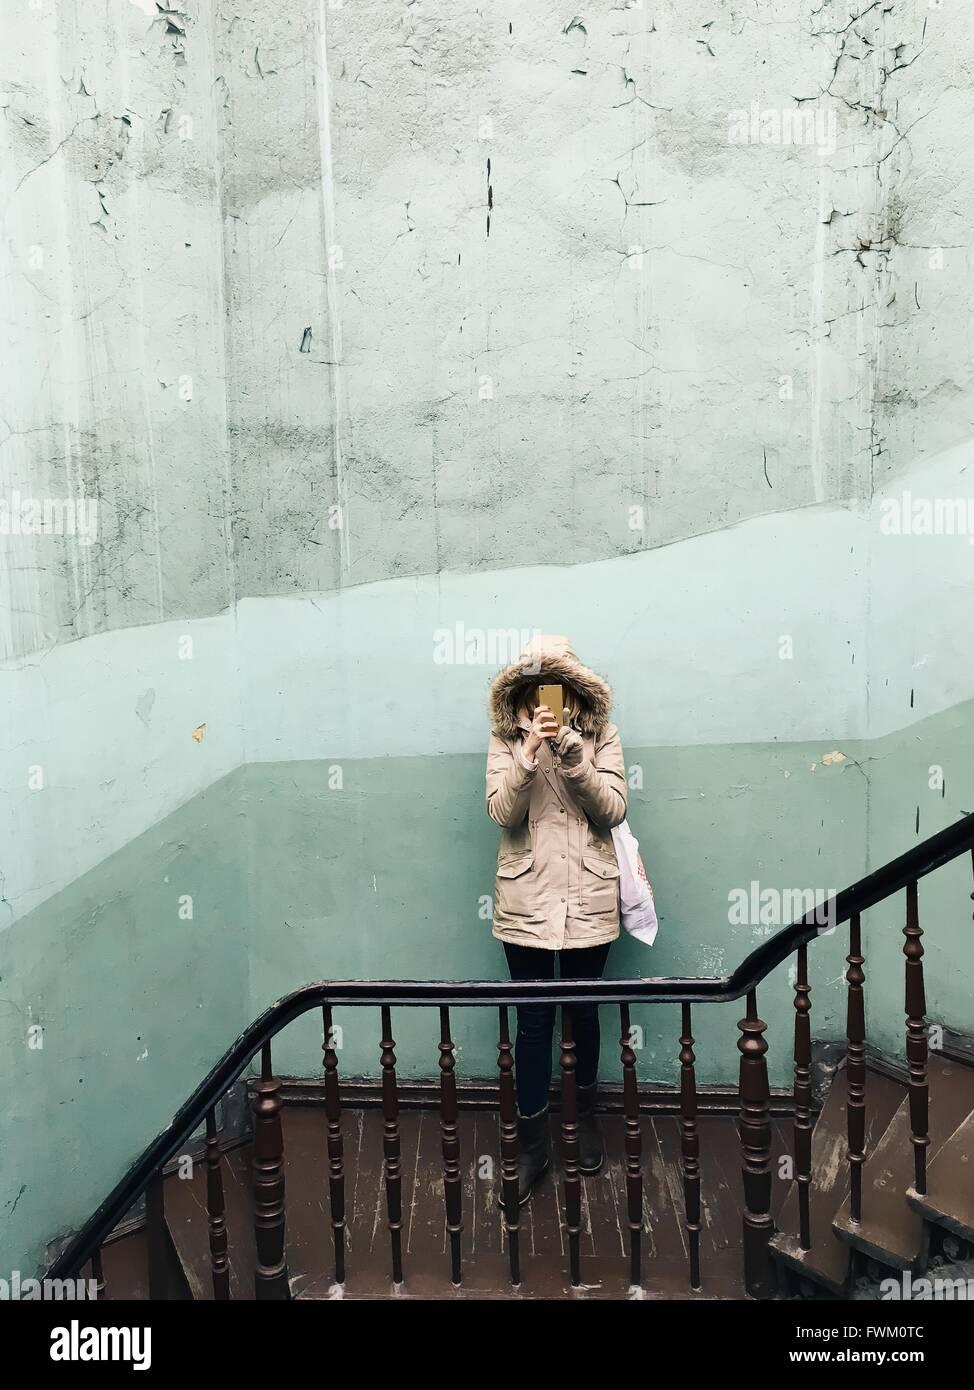 Un alto ángulo de visualización de la mujer sosteniendo teléfono inteligente contra la pared en pasos Imagen De Stock